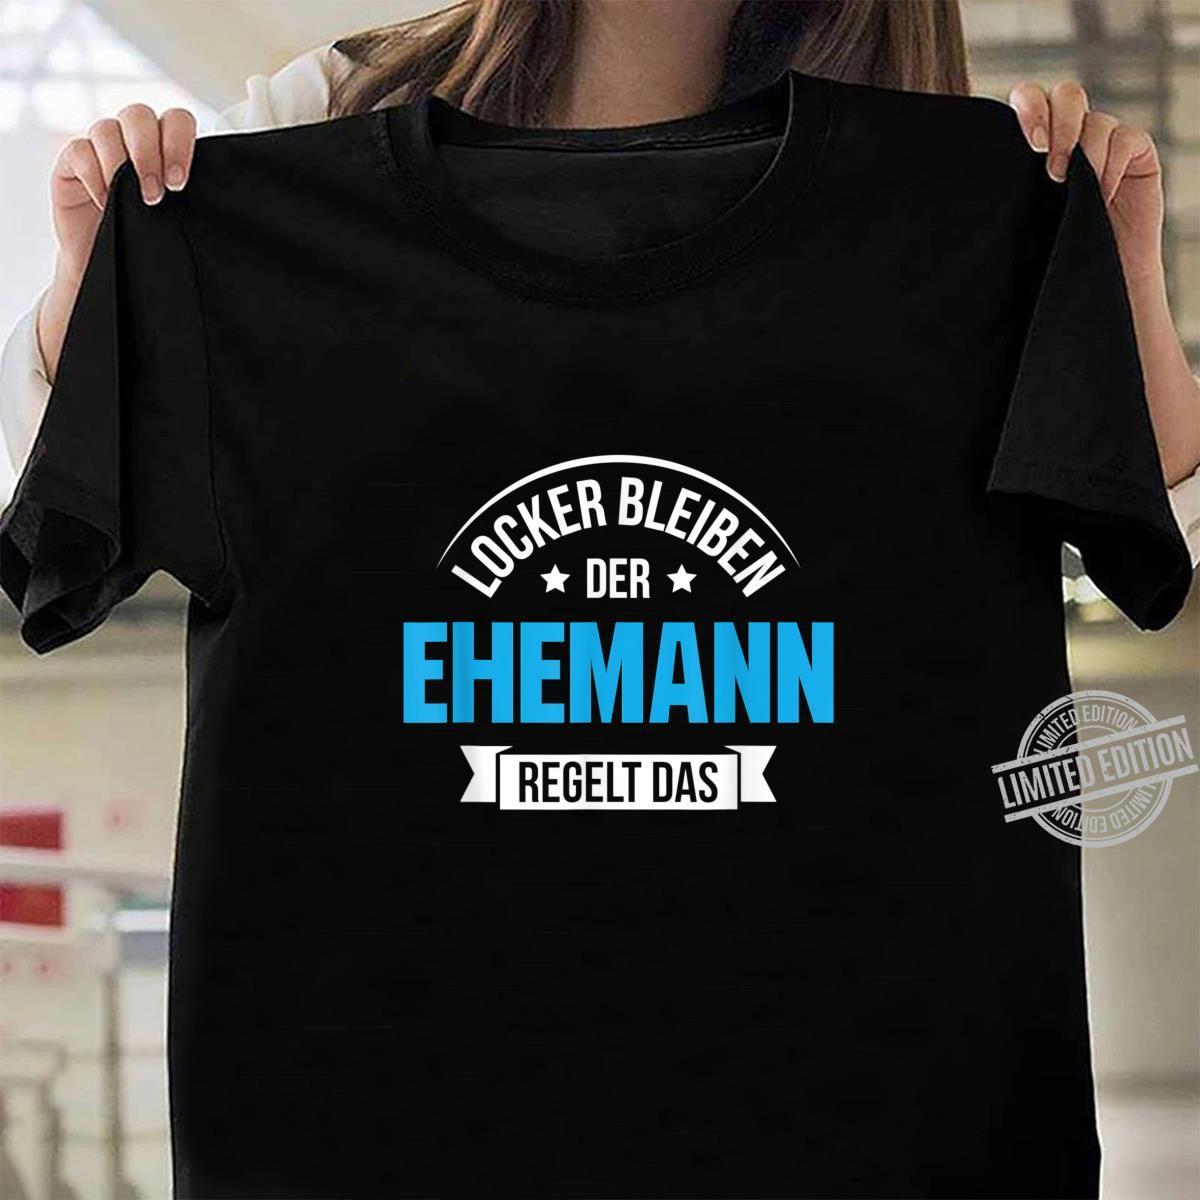 Herren Ehemann Ehefrau Ehe Mann Partner Familie Hochzeit Geschenk Shirt